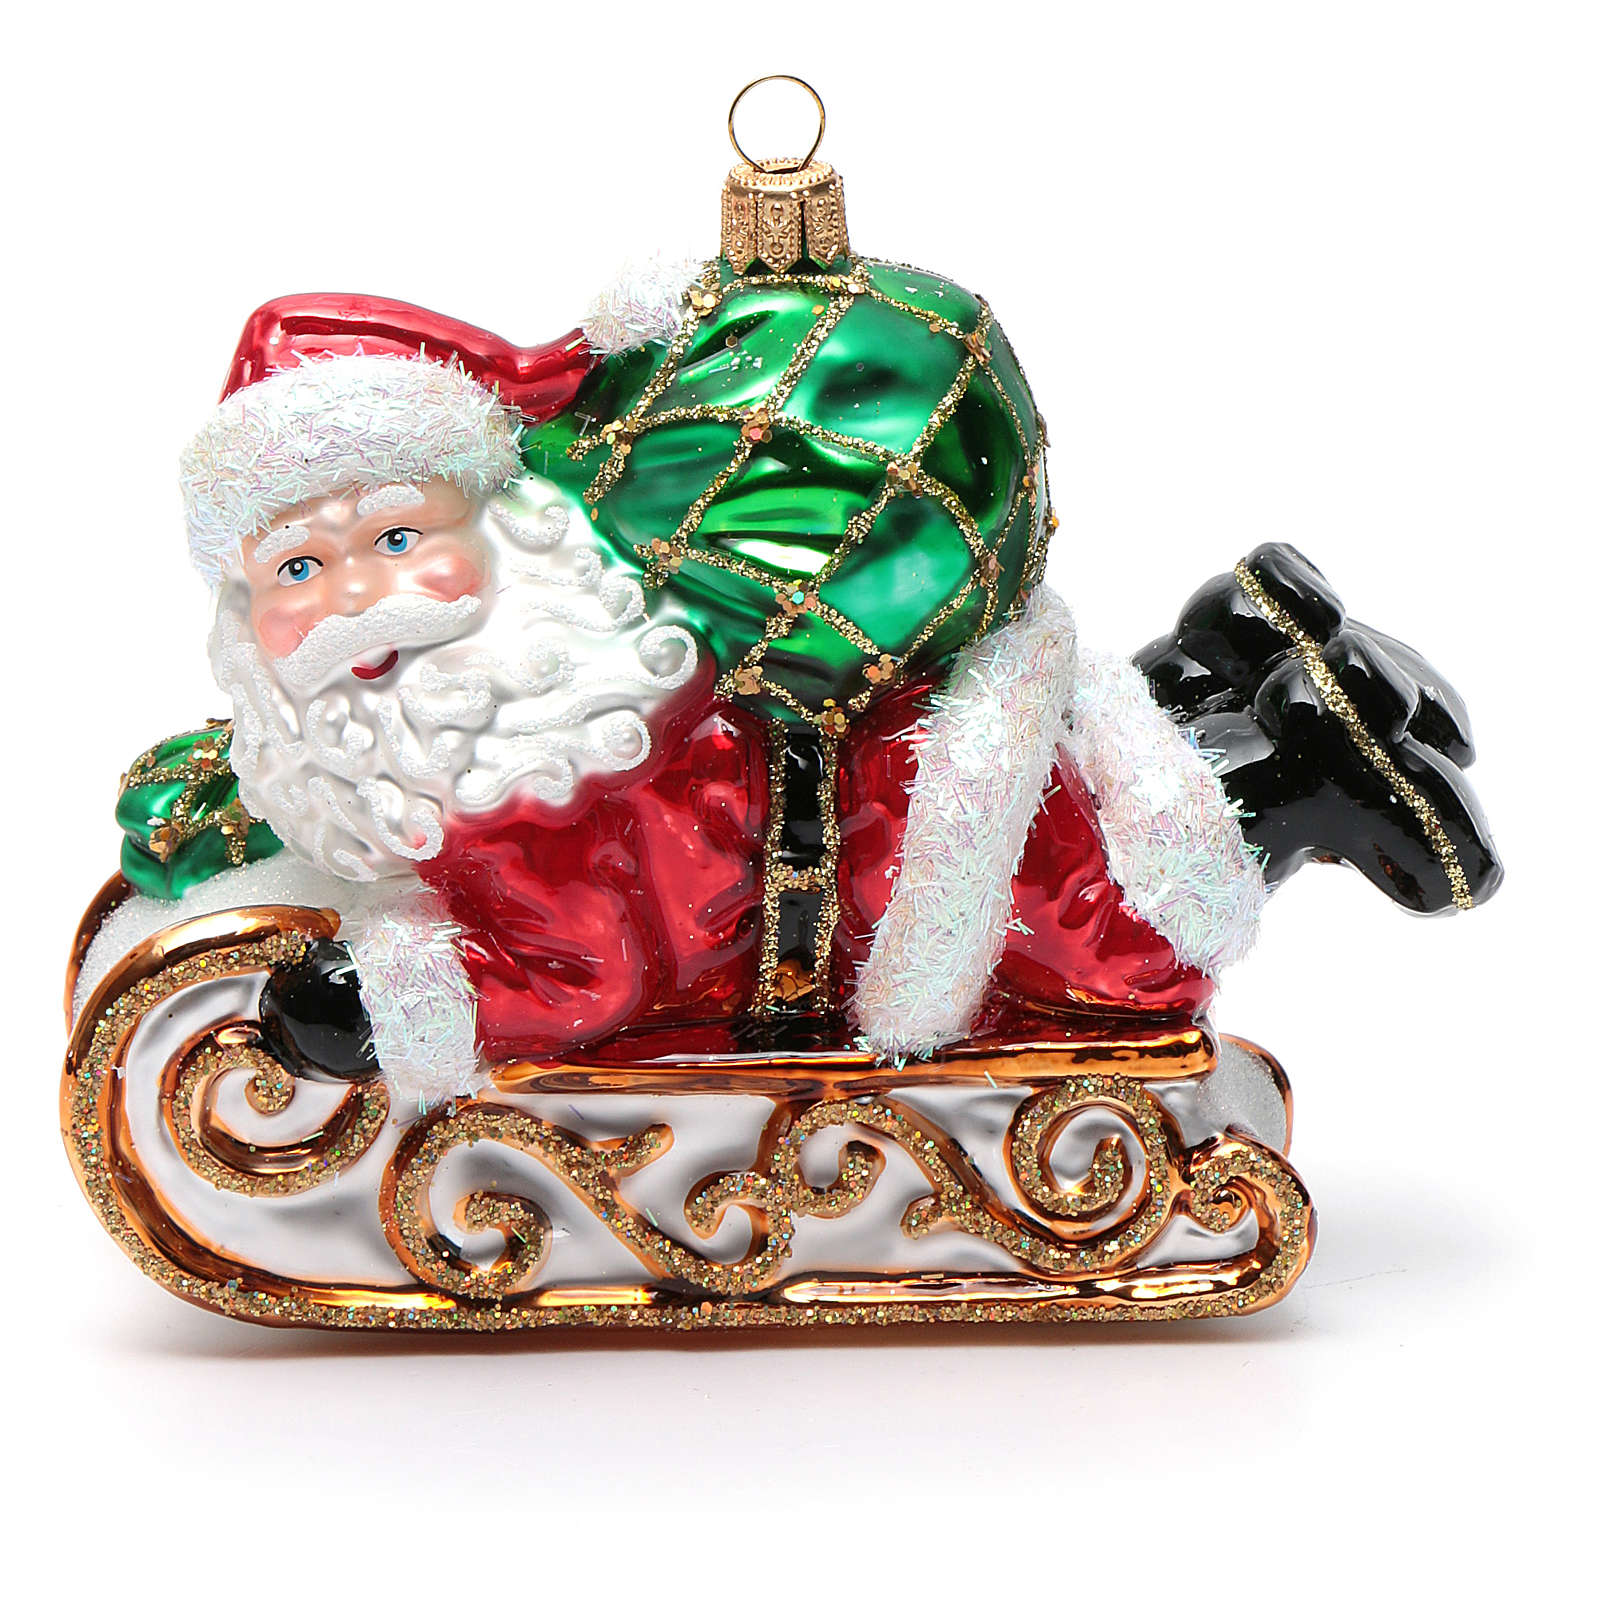 Décoration sapin verre soufflé Père Noël en traîneau 4